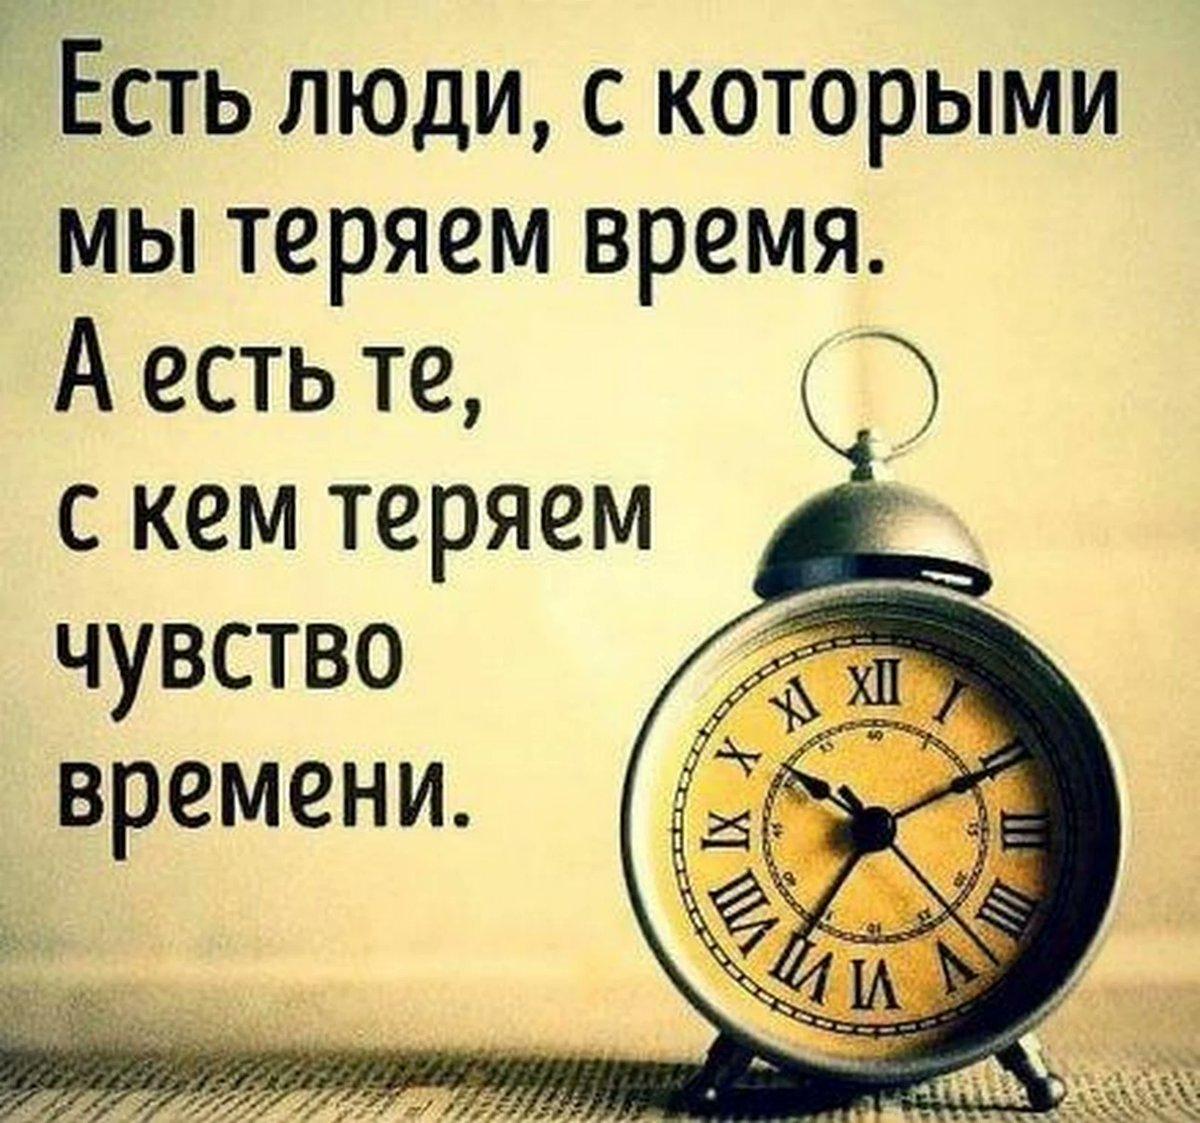 Слоган на территории россии, часы изображены лишь немного крупнее натуральной величины.